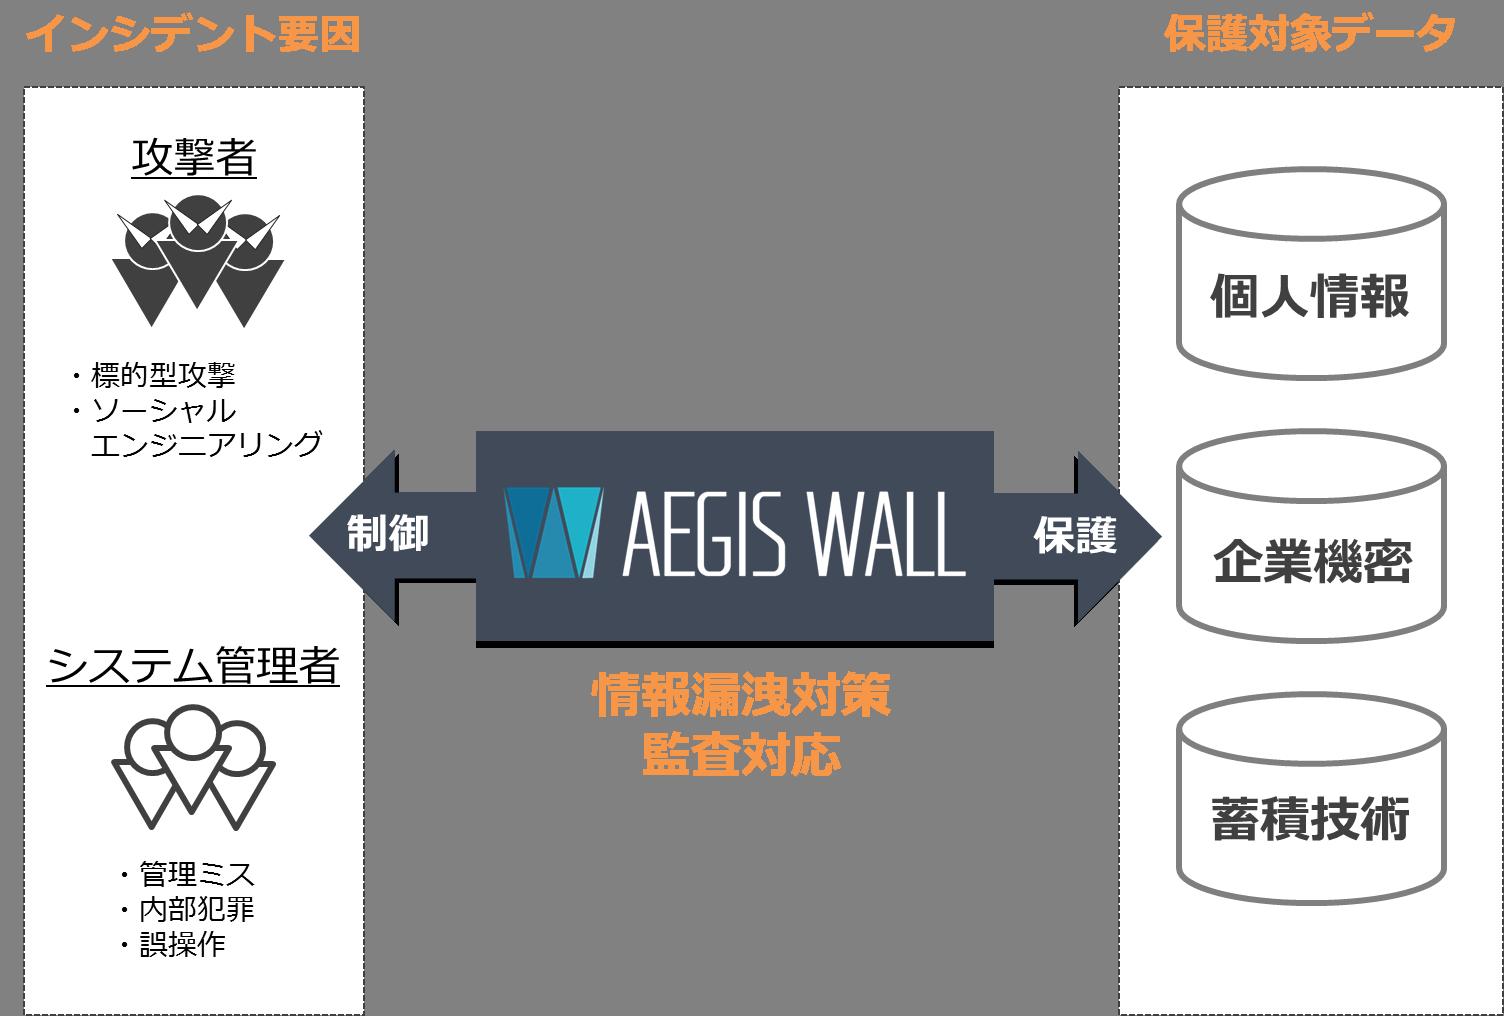 AegisWall